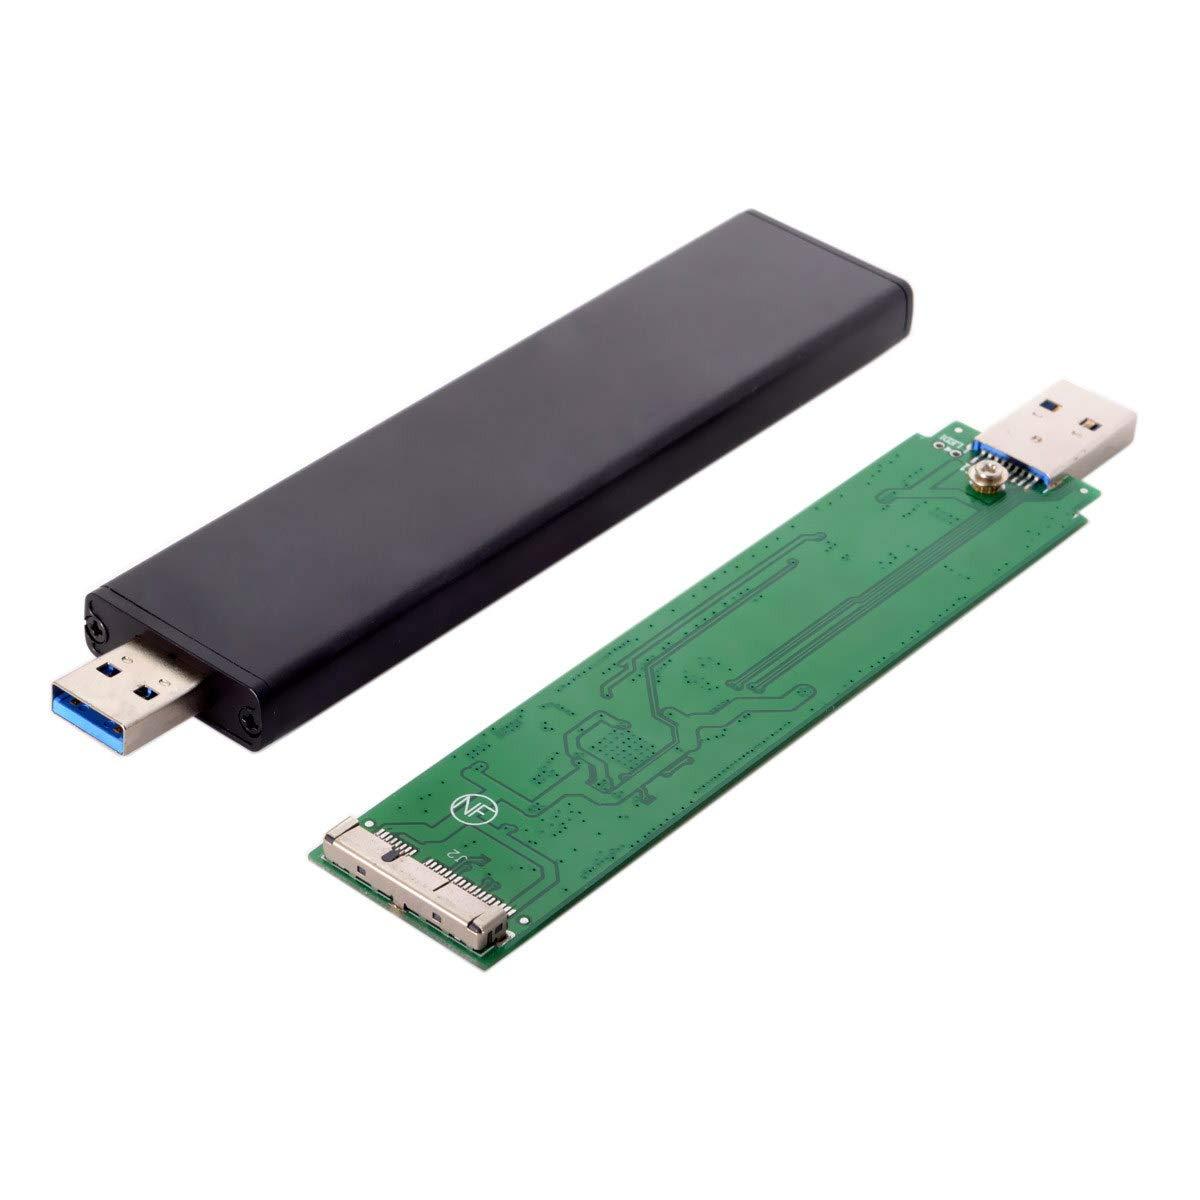 JSER U3-009-015-089-LIST Para SSD de 7 + 17 pines de 2012.: Amazon.es: Electrónica